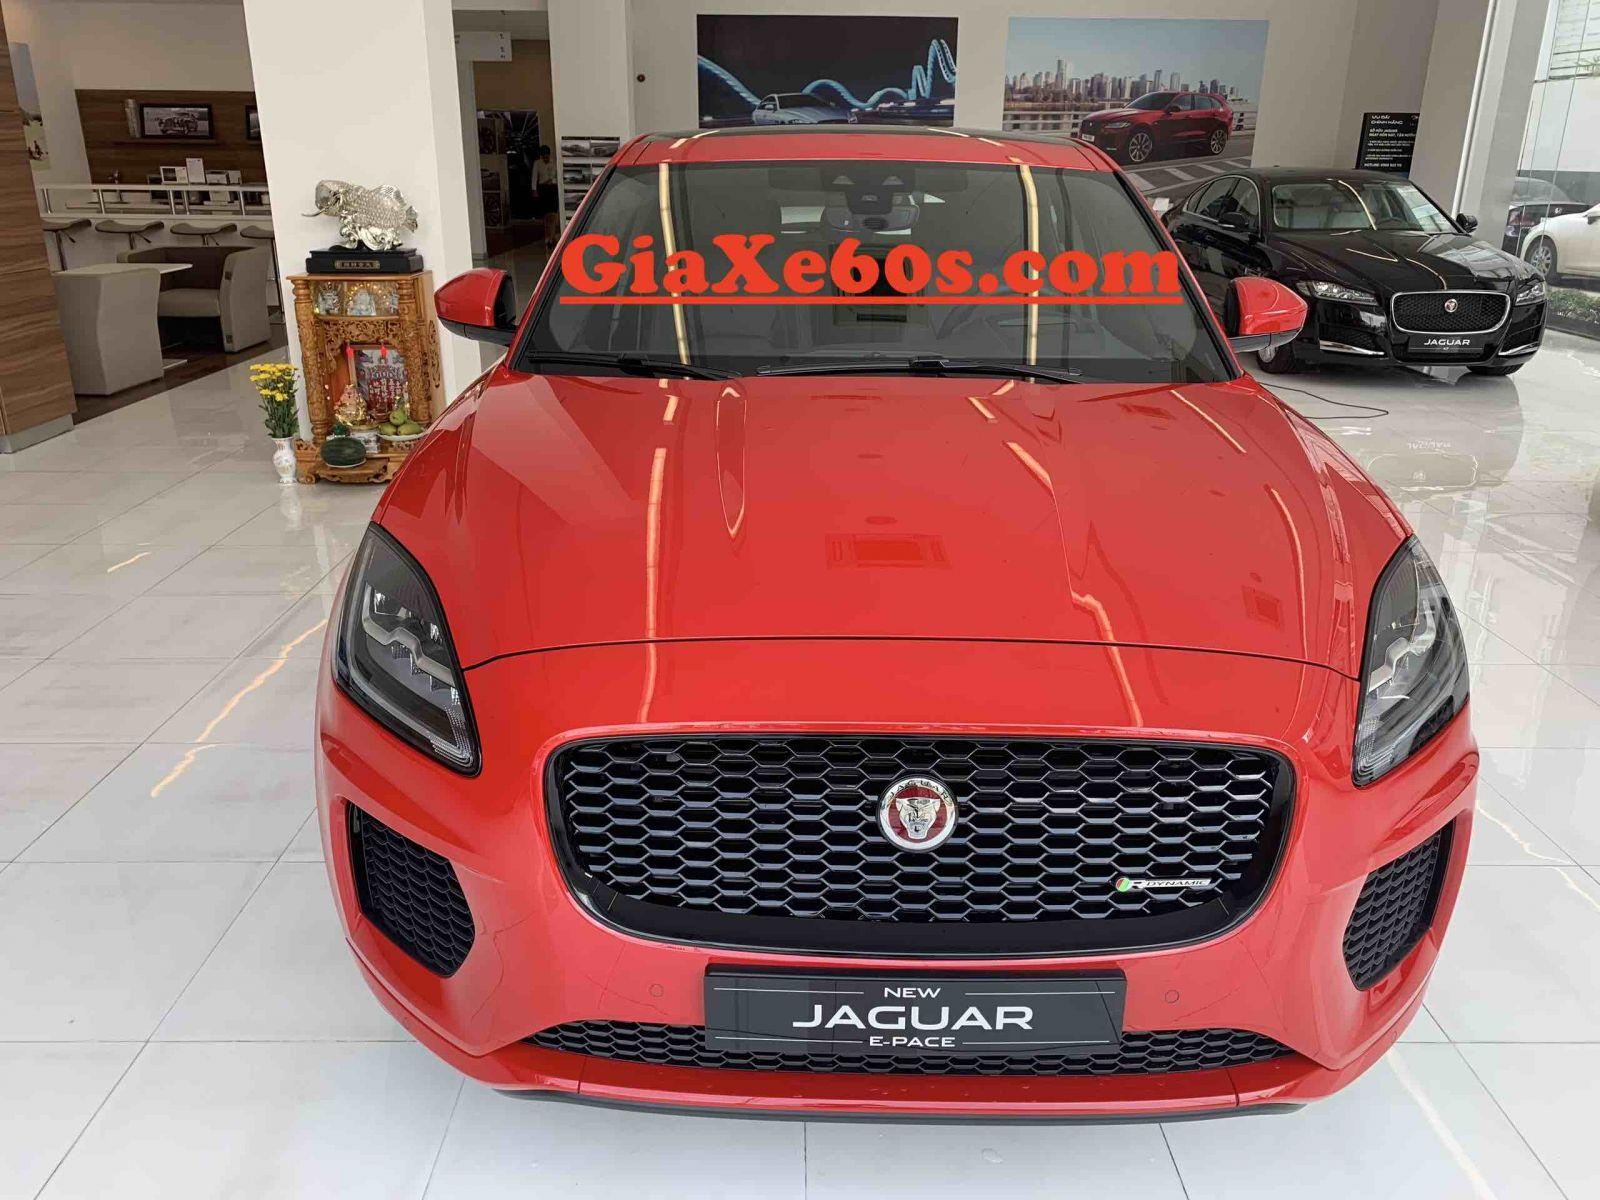 Giá Xe Jaguar E-Pace Phiên Bản 2.0 First Edition Bao Nhiêu Tiền tại việt nam tính hết  chi phí lăn bánh và biển số và thuế trước bạ. xe gầm cao f-pace và e-pace xe nào chay ngon hơn, động cơ 2.0 và 3.0 khác nhau gì